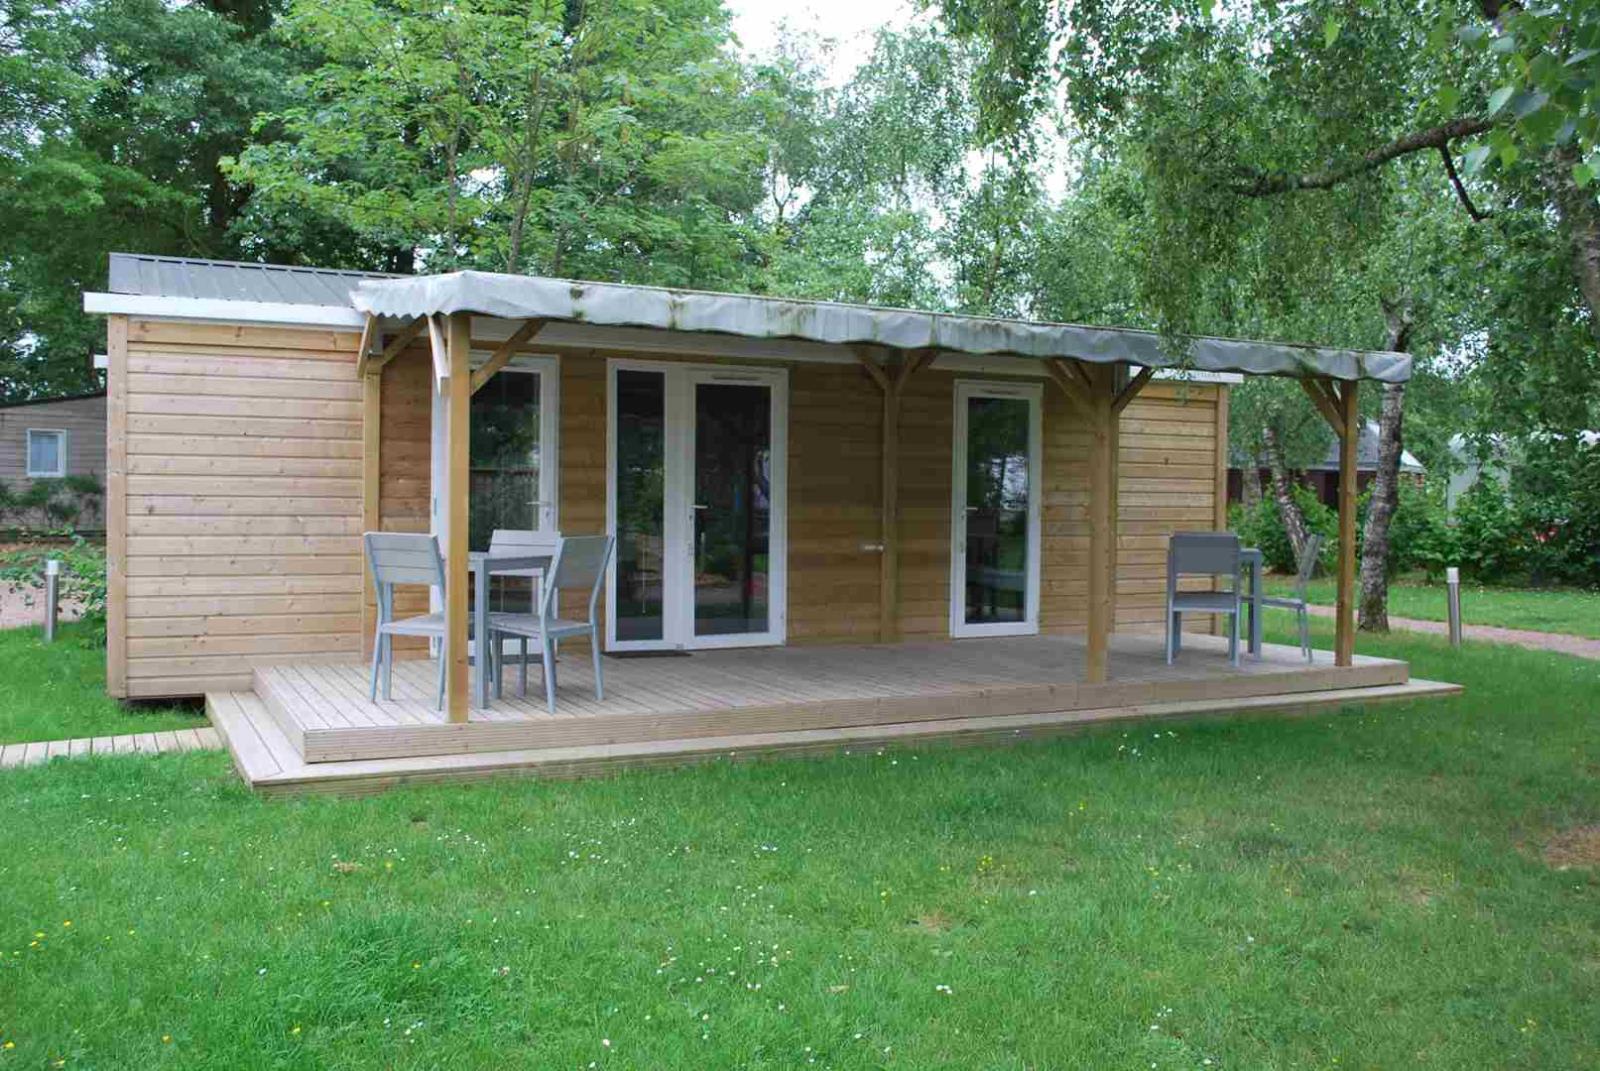 Location - Premium Mobil Home 36M² 2 Chambres, 2 Sdb + Terrasse - Camping Du Lac de la Chausselière